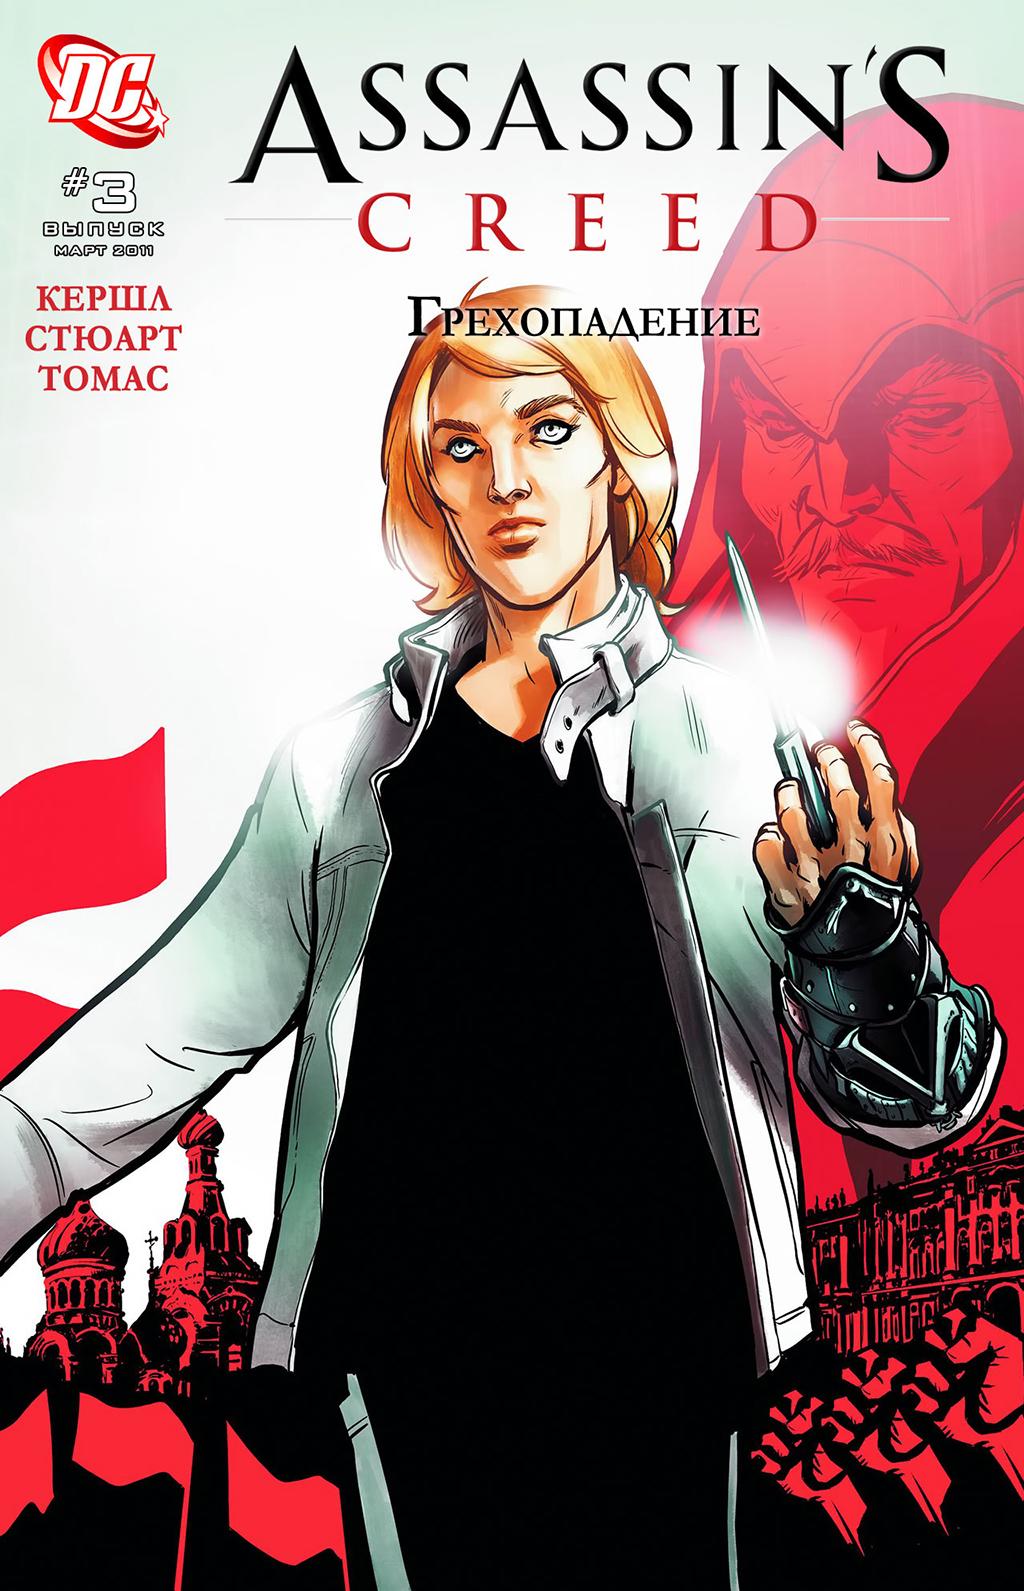 Комикс Кредо Убийцы: Грехопадение